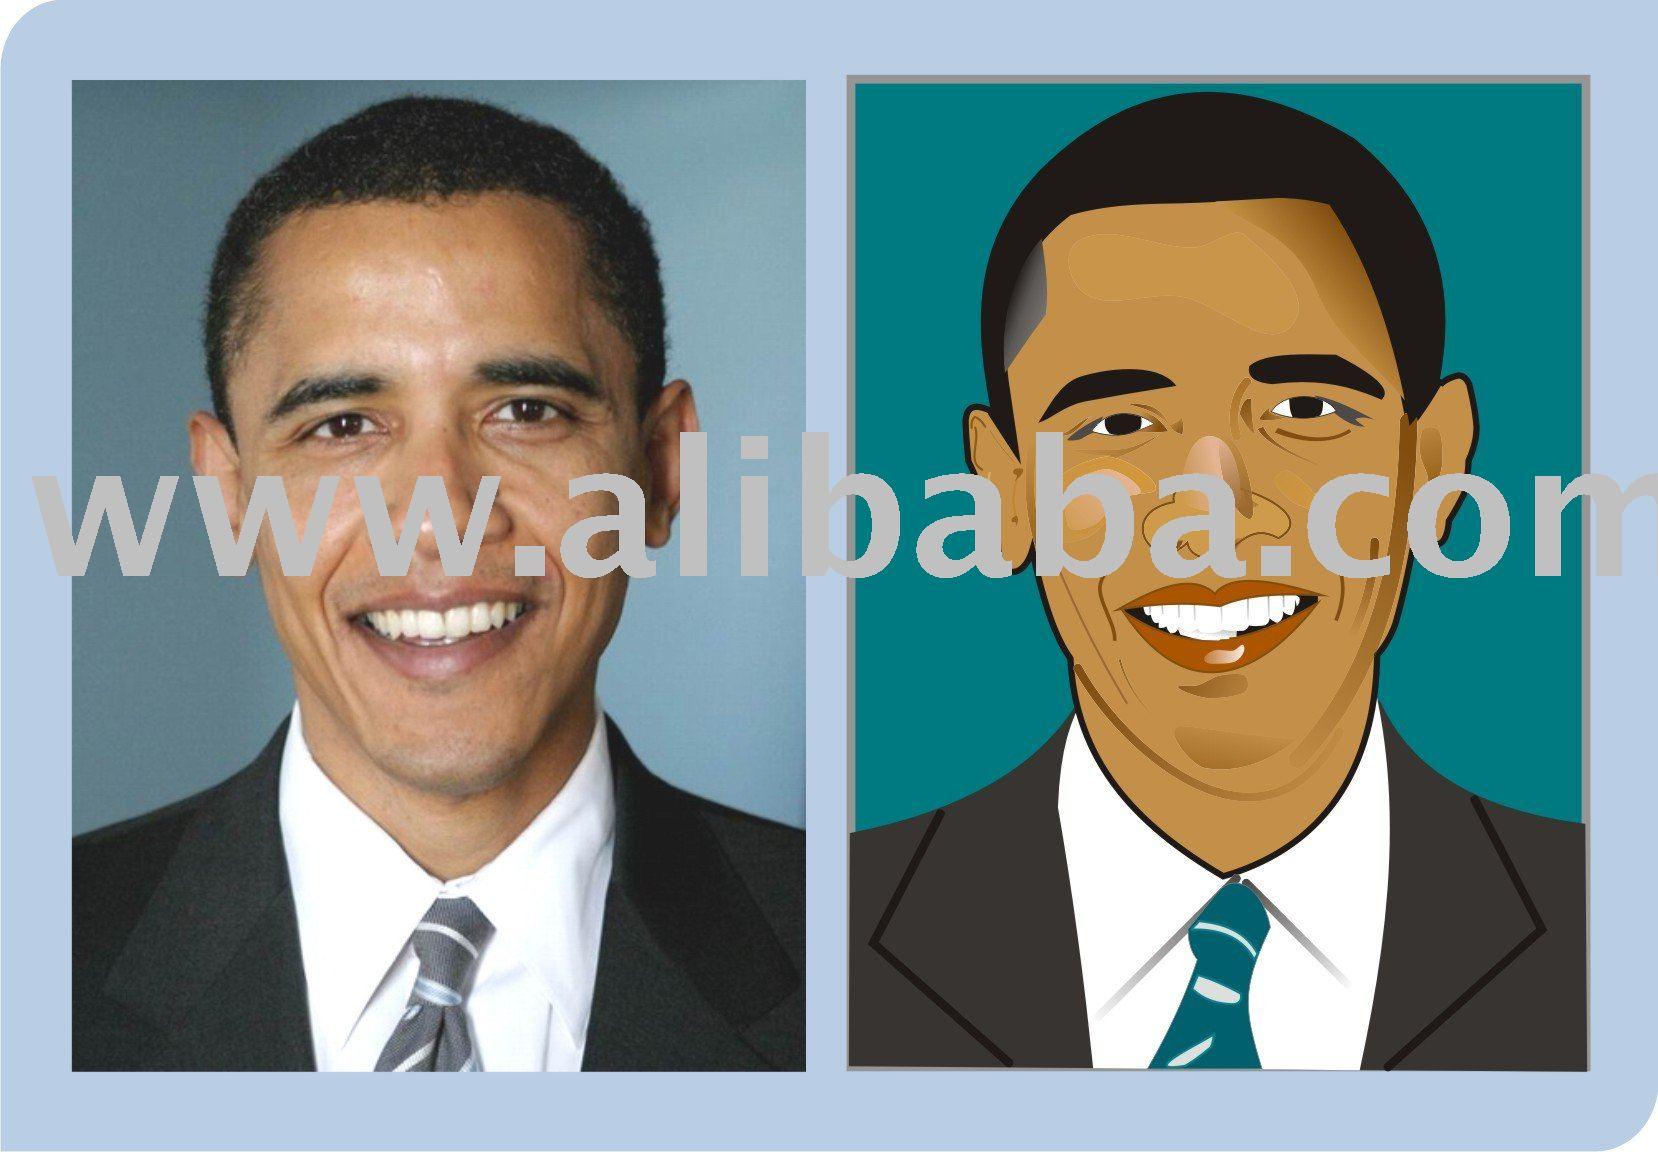 преобразование в векторное изображение: